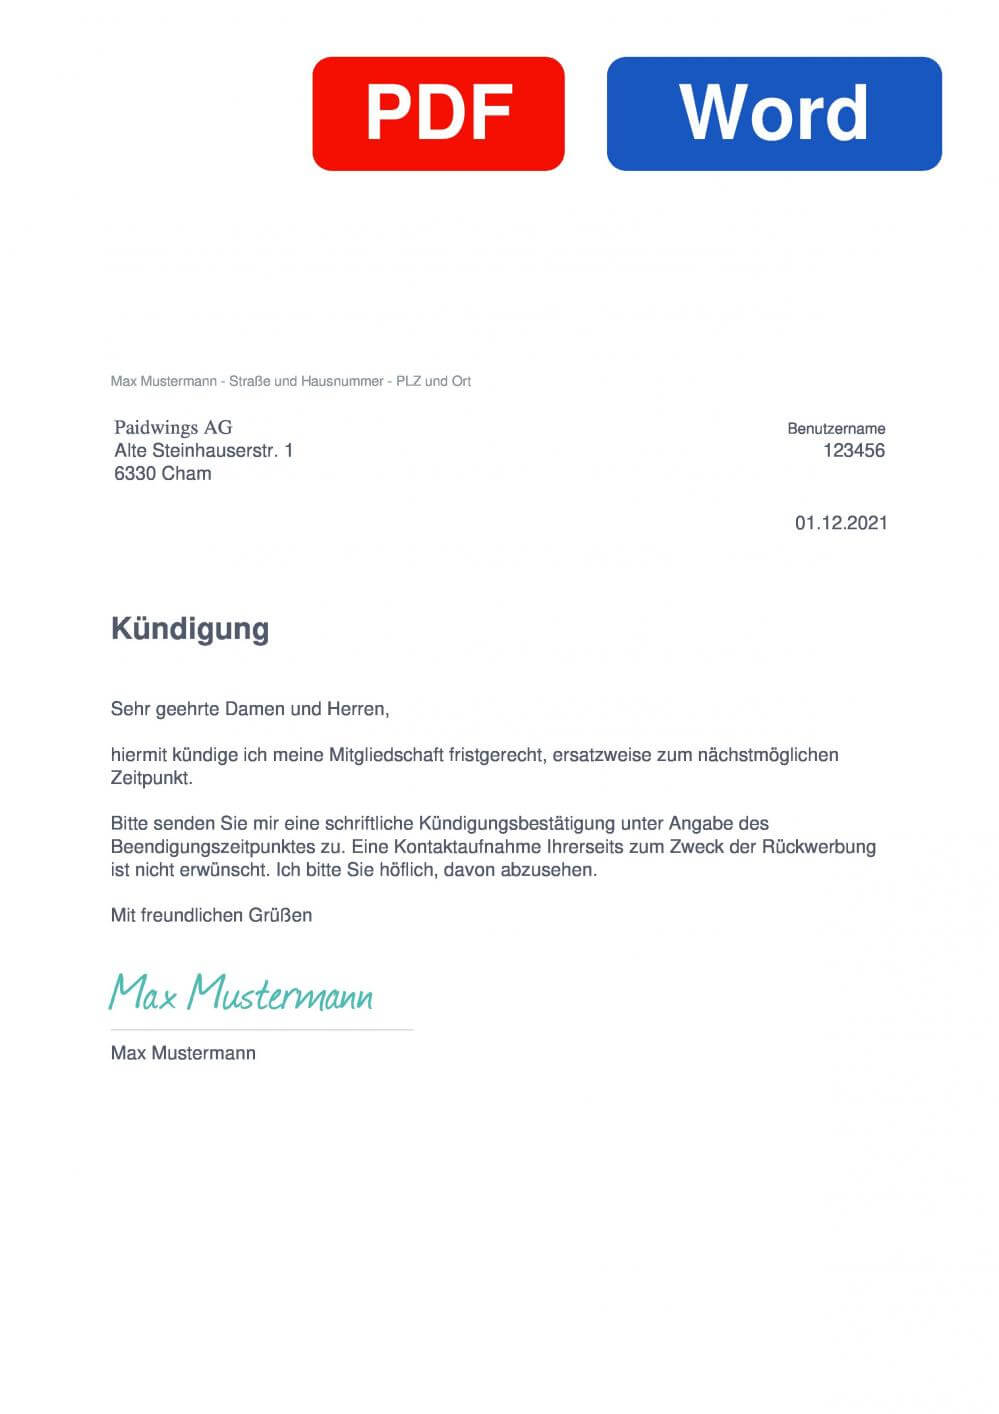 fickhub Muster Vorlage für Kündigungsschreiben